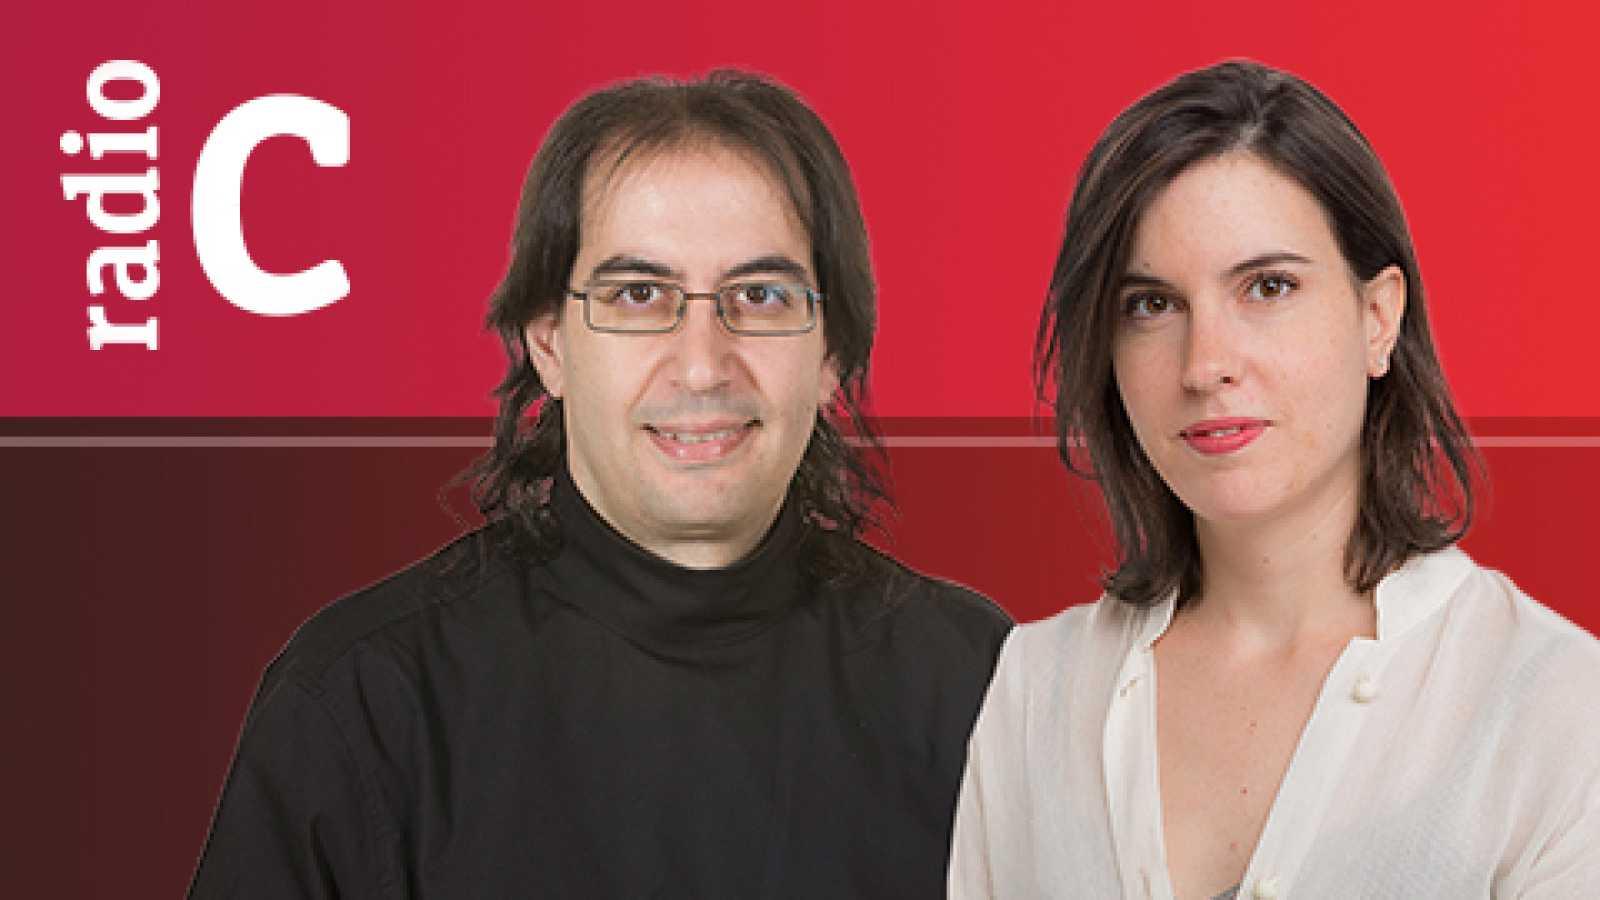 La tertulia de Radio Clásica - ¿Conservatorios o exploratorios? - 18/02/18